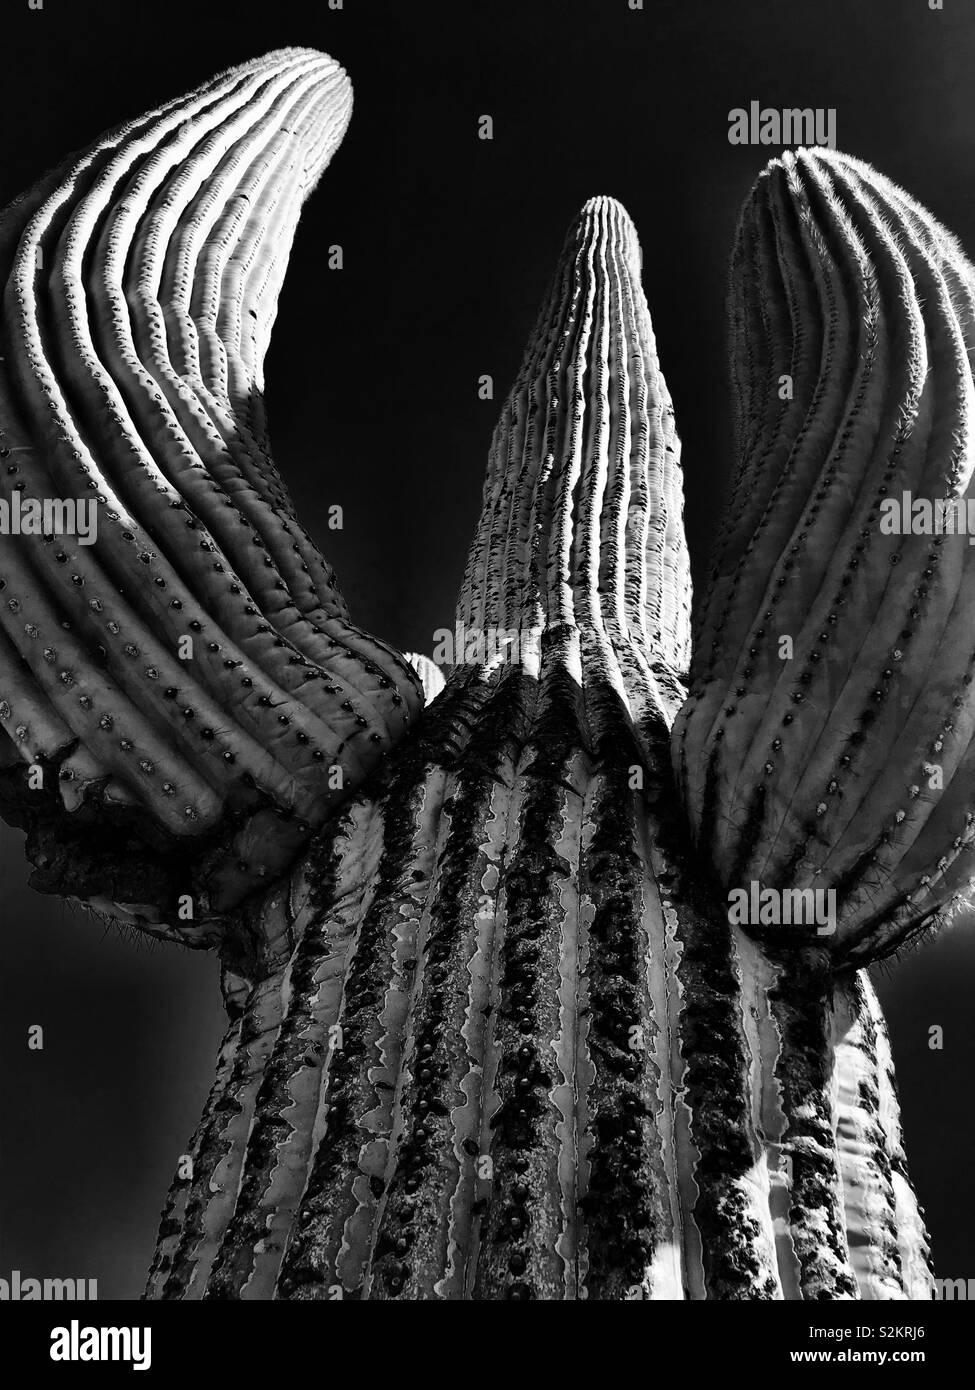 Saguaro cactus en noir et blanc Banque D'Images